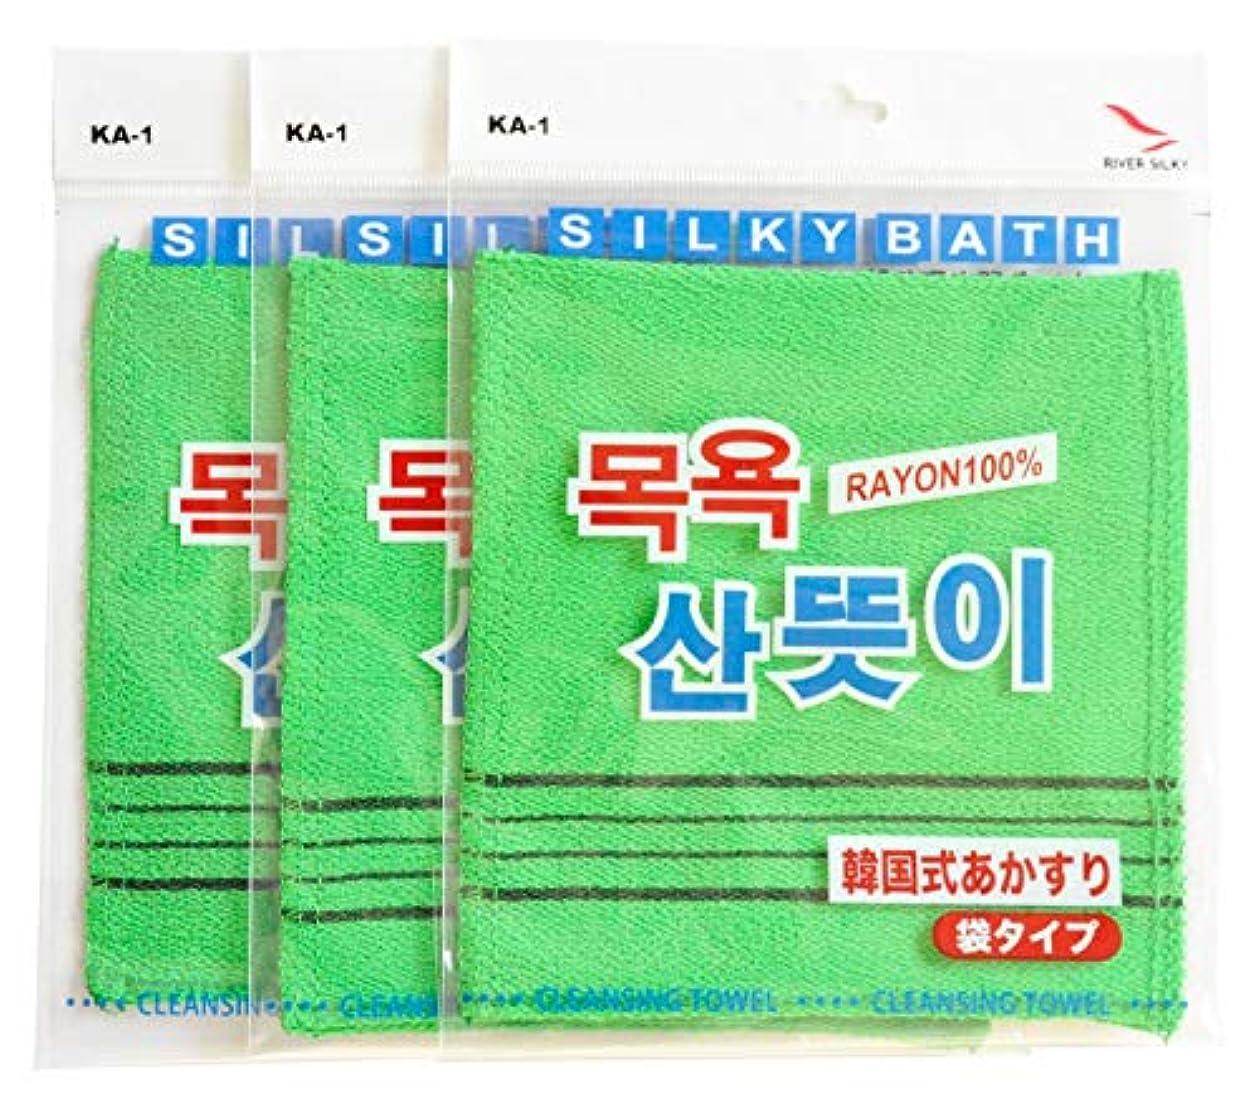 決めます人気ハンディキャップ韓国発 韓国式あかすり 袋式 3枚セットKA-1A